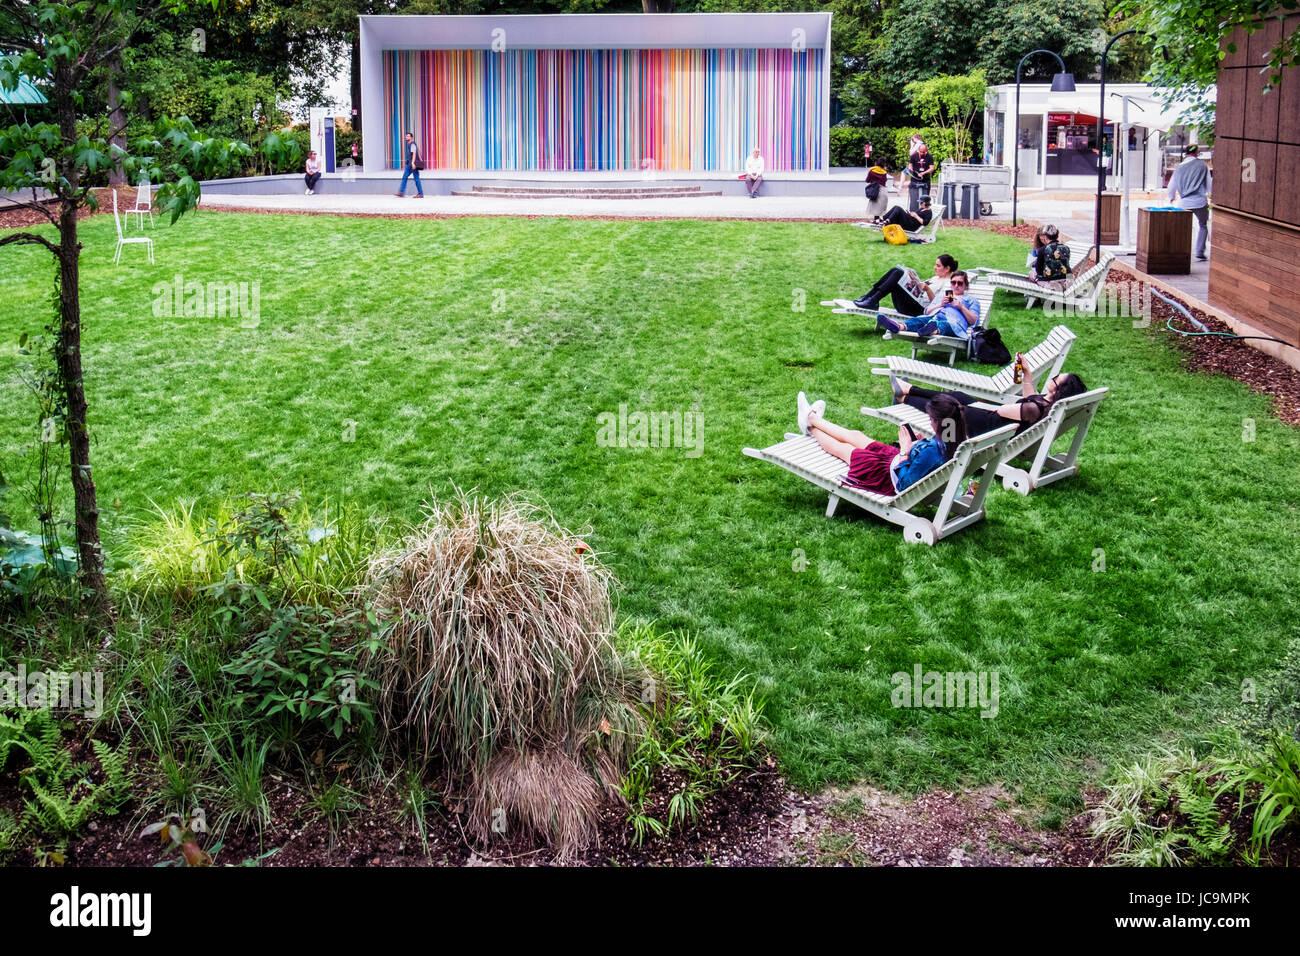 Venice,Castello,Giardini.57th Venice Biennale 2017,La Biennale di Venezia,Giardini Colourfall by Ian Davenport at - Stock Image